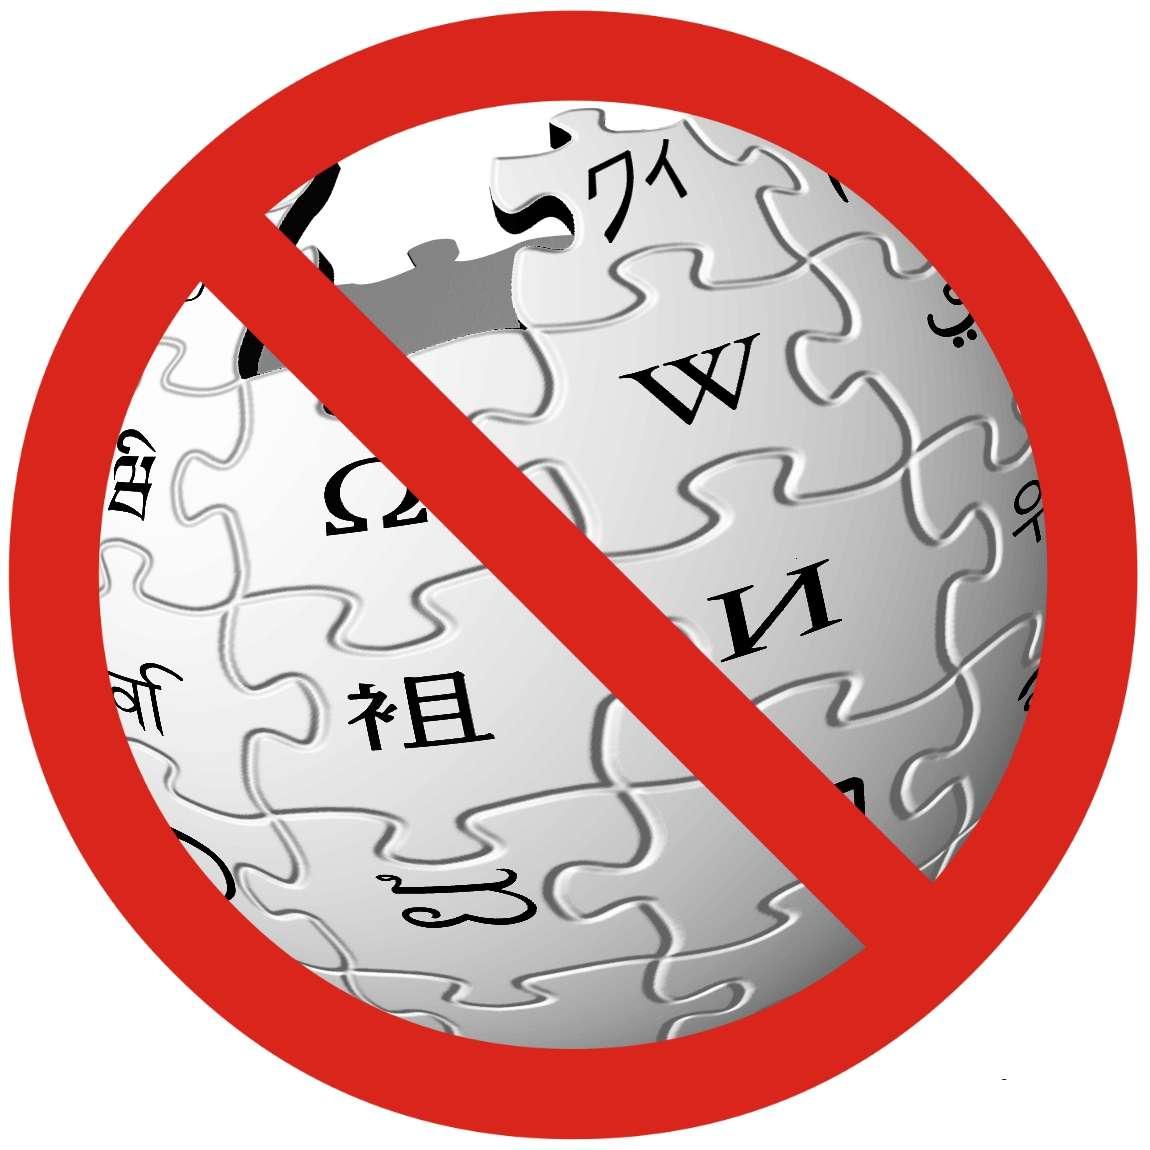 La célèbre encyclopédie participative en ligne Wikipédia fait office de référence pour bon nombre de personnes. Pourtant, ses pages médicales en anglais sont loin de ne contenir que des vérités… © Ianusius, Wikipédia, cc by 3.0